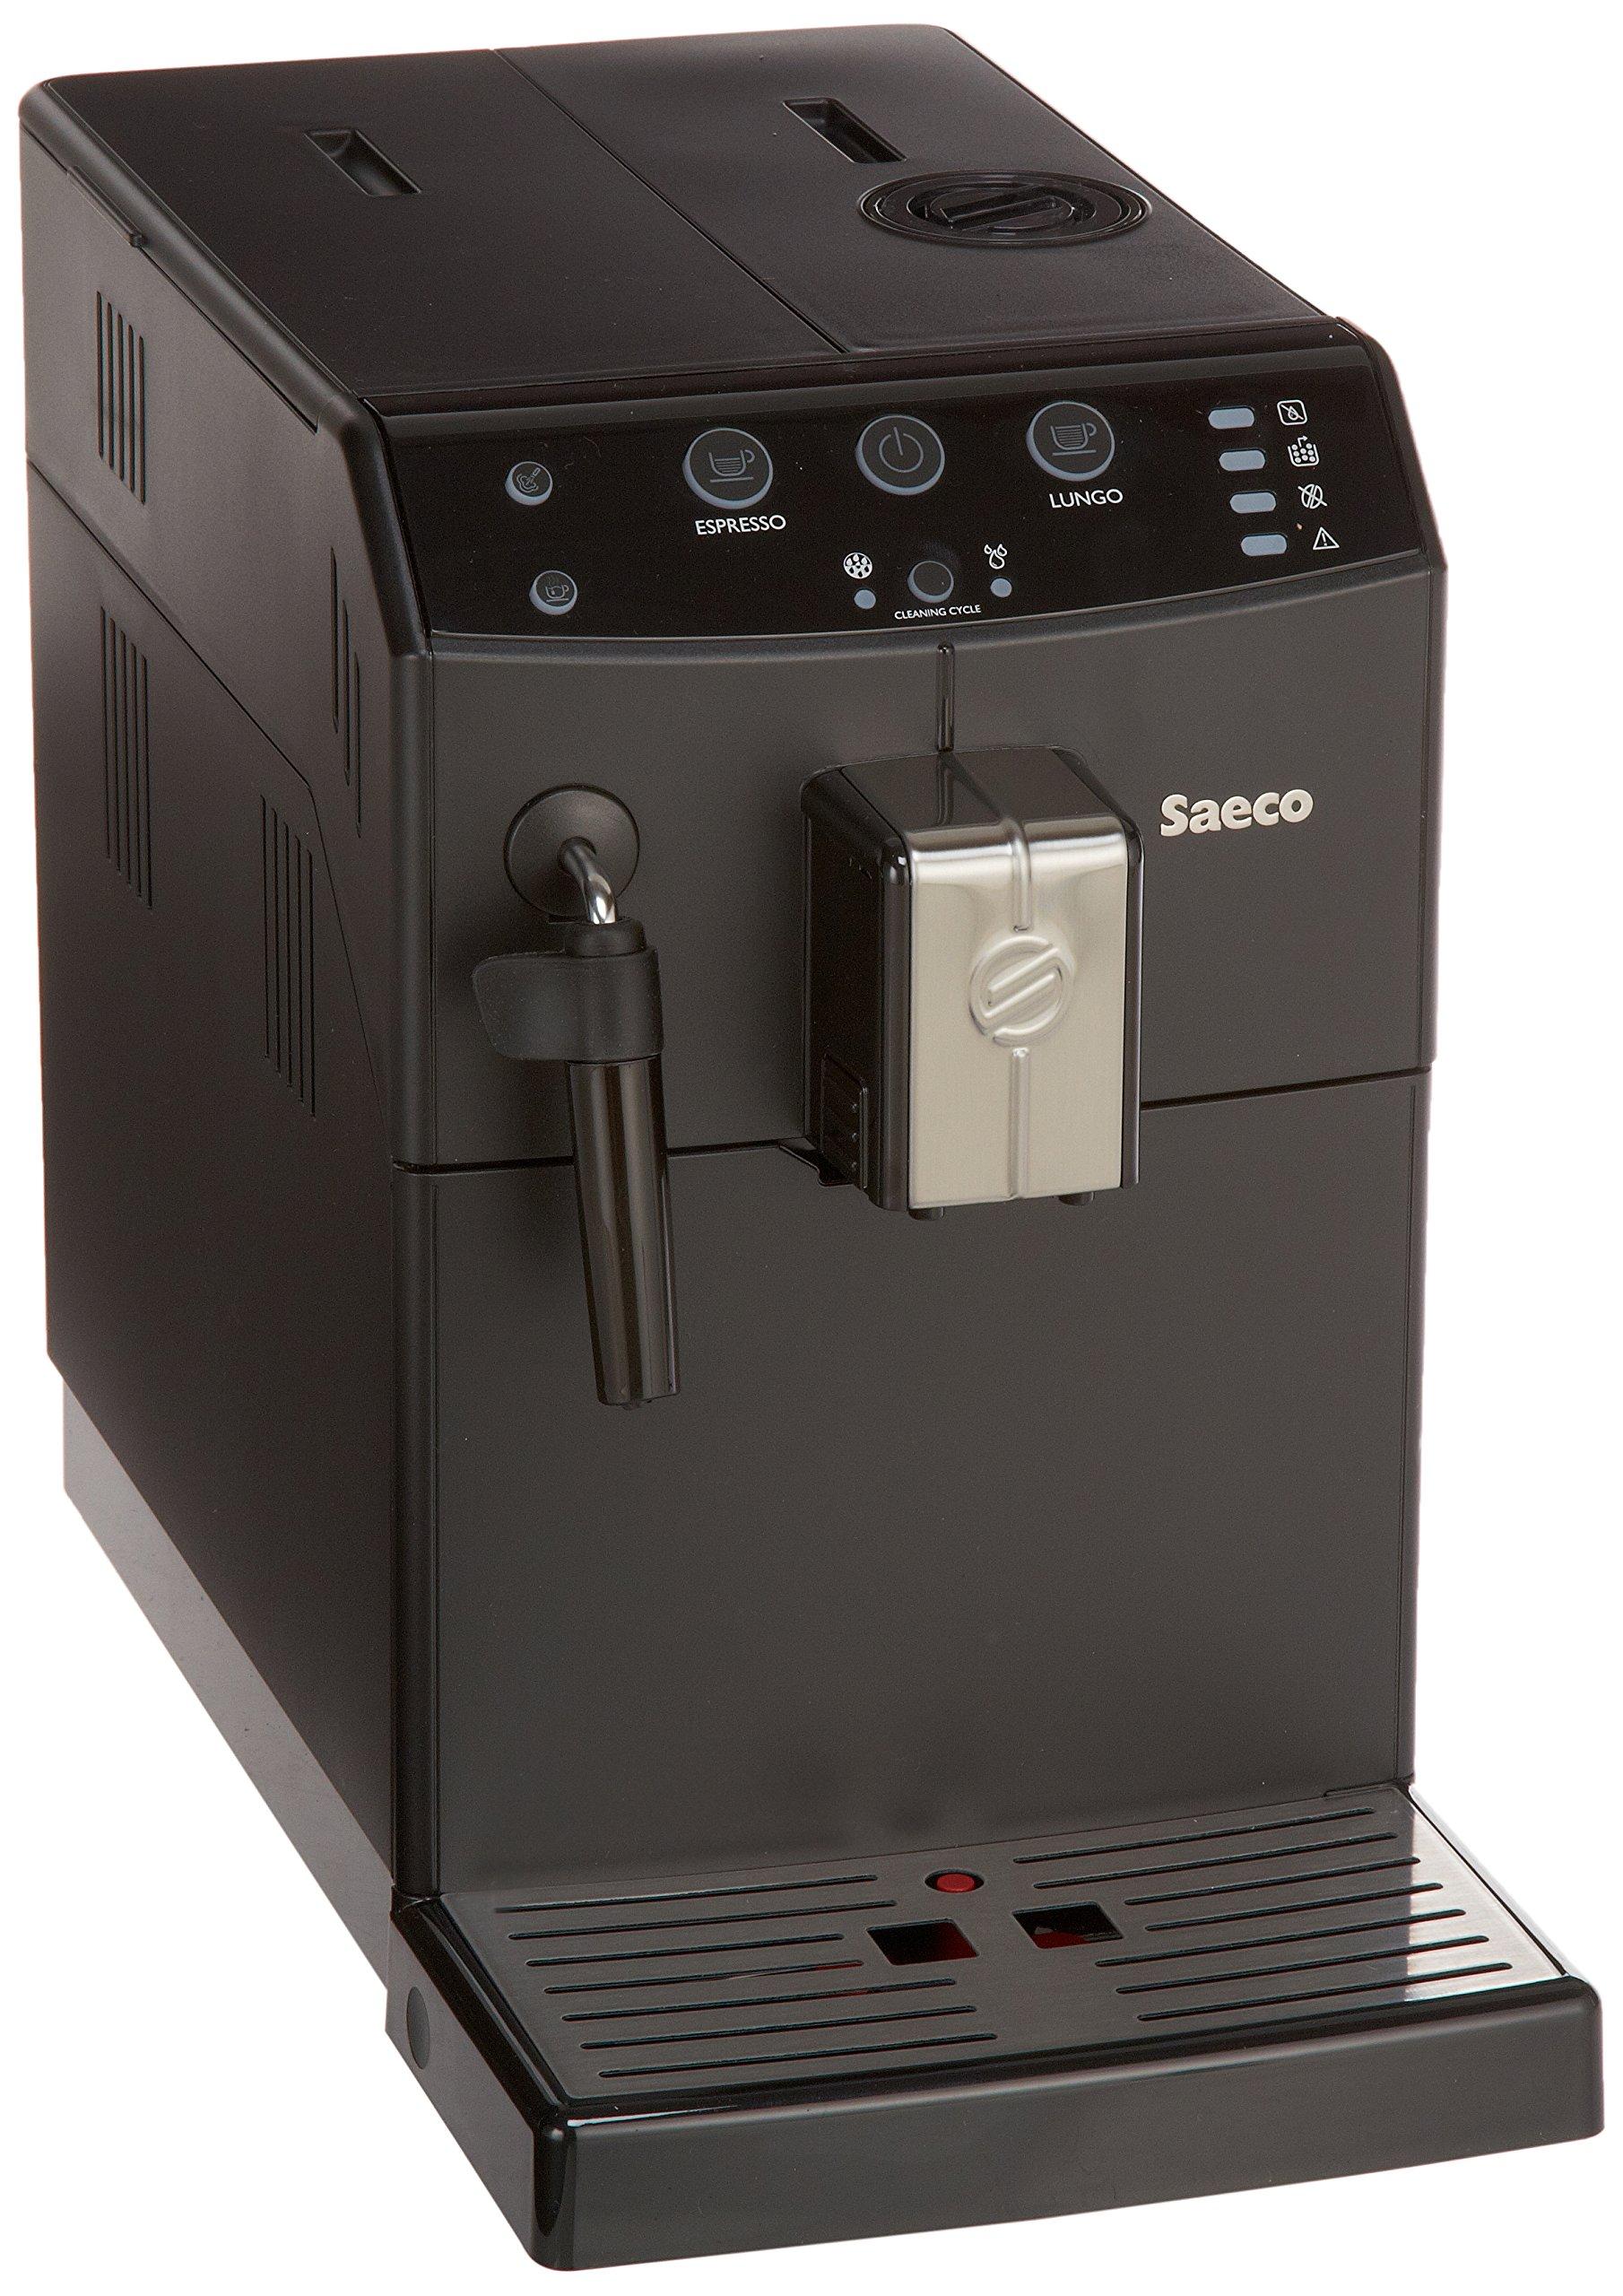 Saeco Minuto HD8765/47 - Cafetera (Independiente, Máquina espresso, 1,8 L, Molinillo integrado, 1850 W, Negro): Amazon.es: Hogar